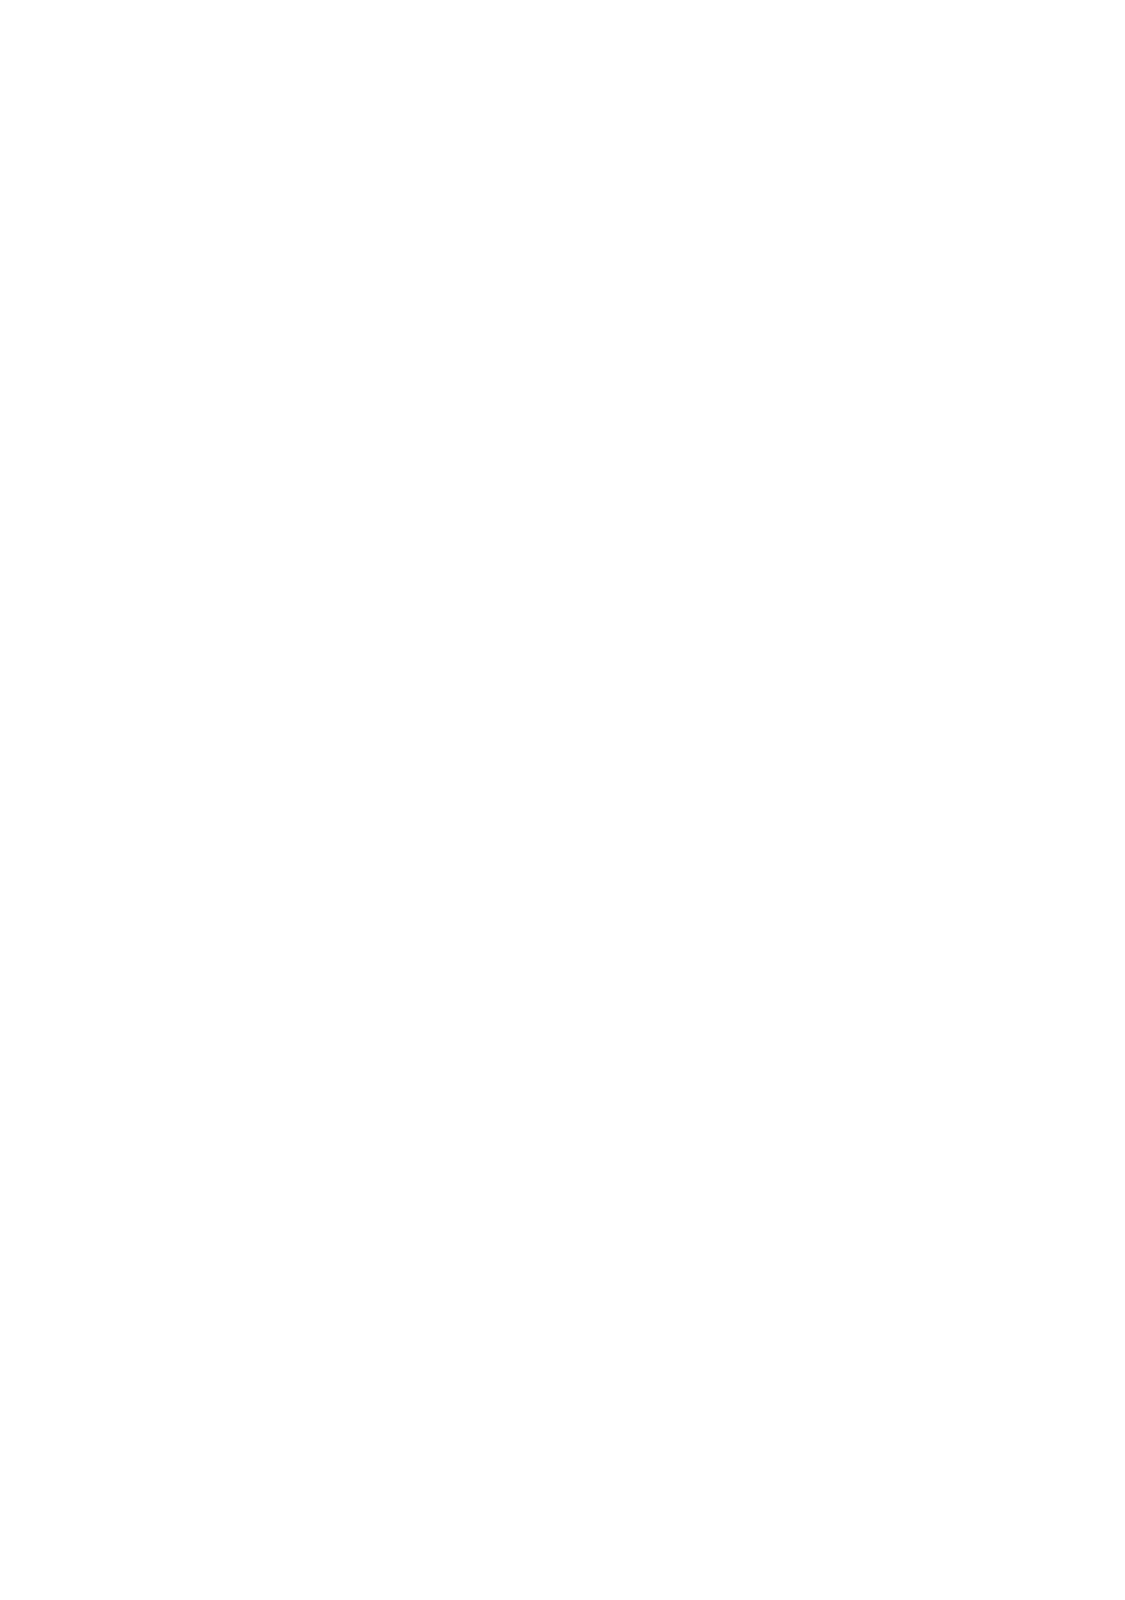 Kirisame Marisa Kyousei Zecchou Souchi | Kirisame Marisa Rape Machine 1